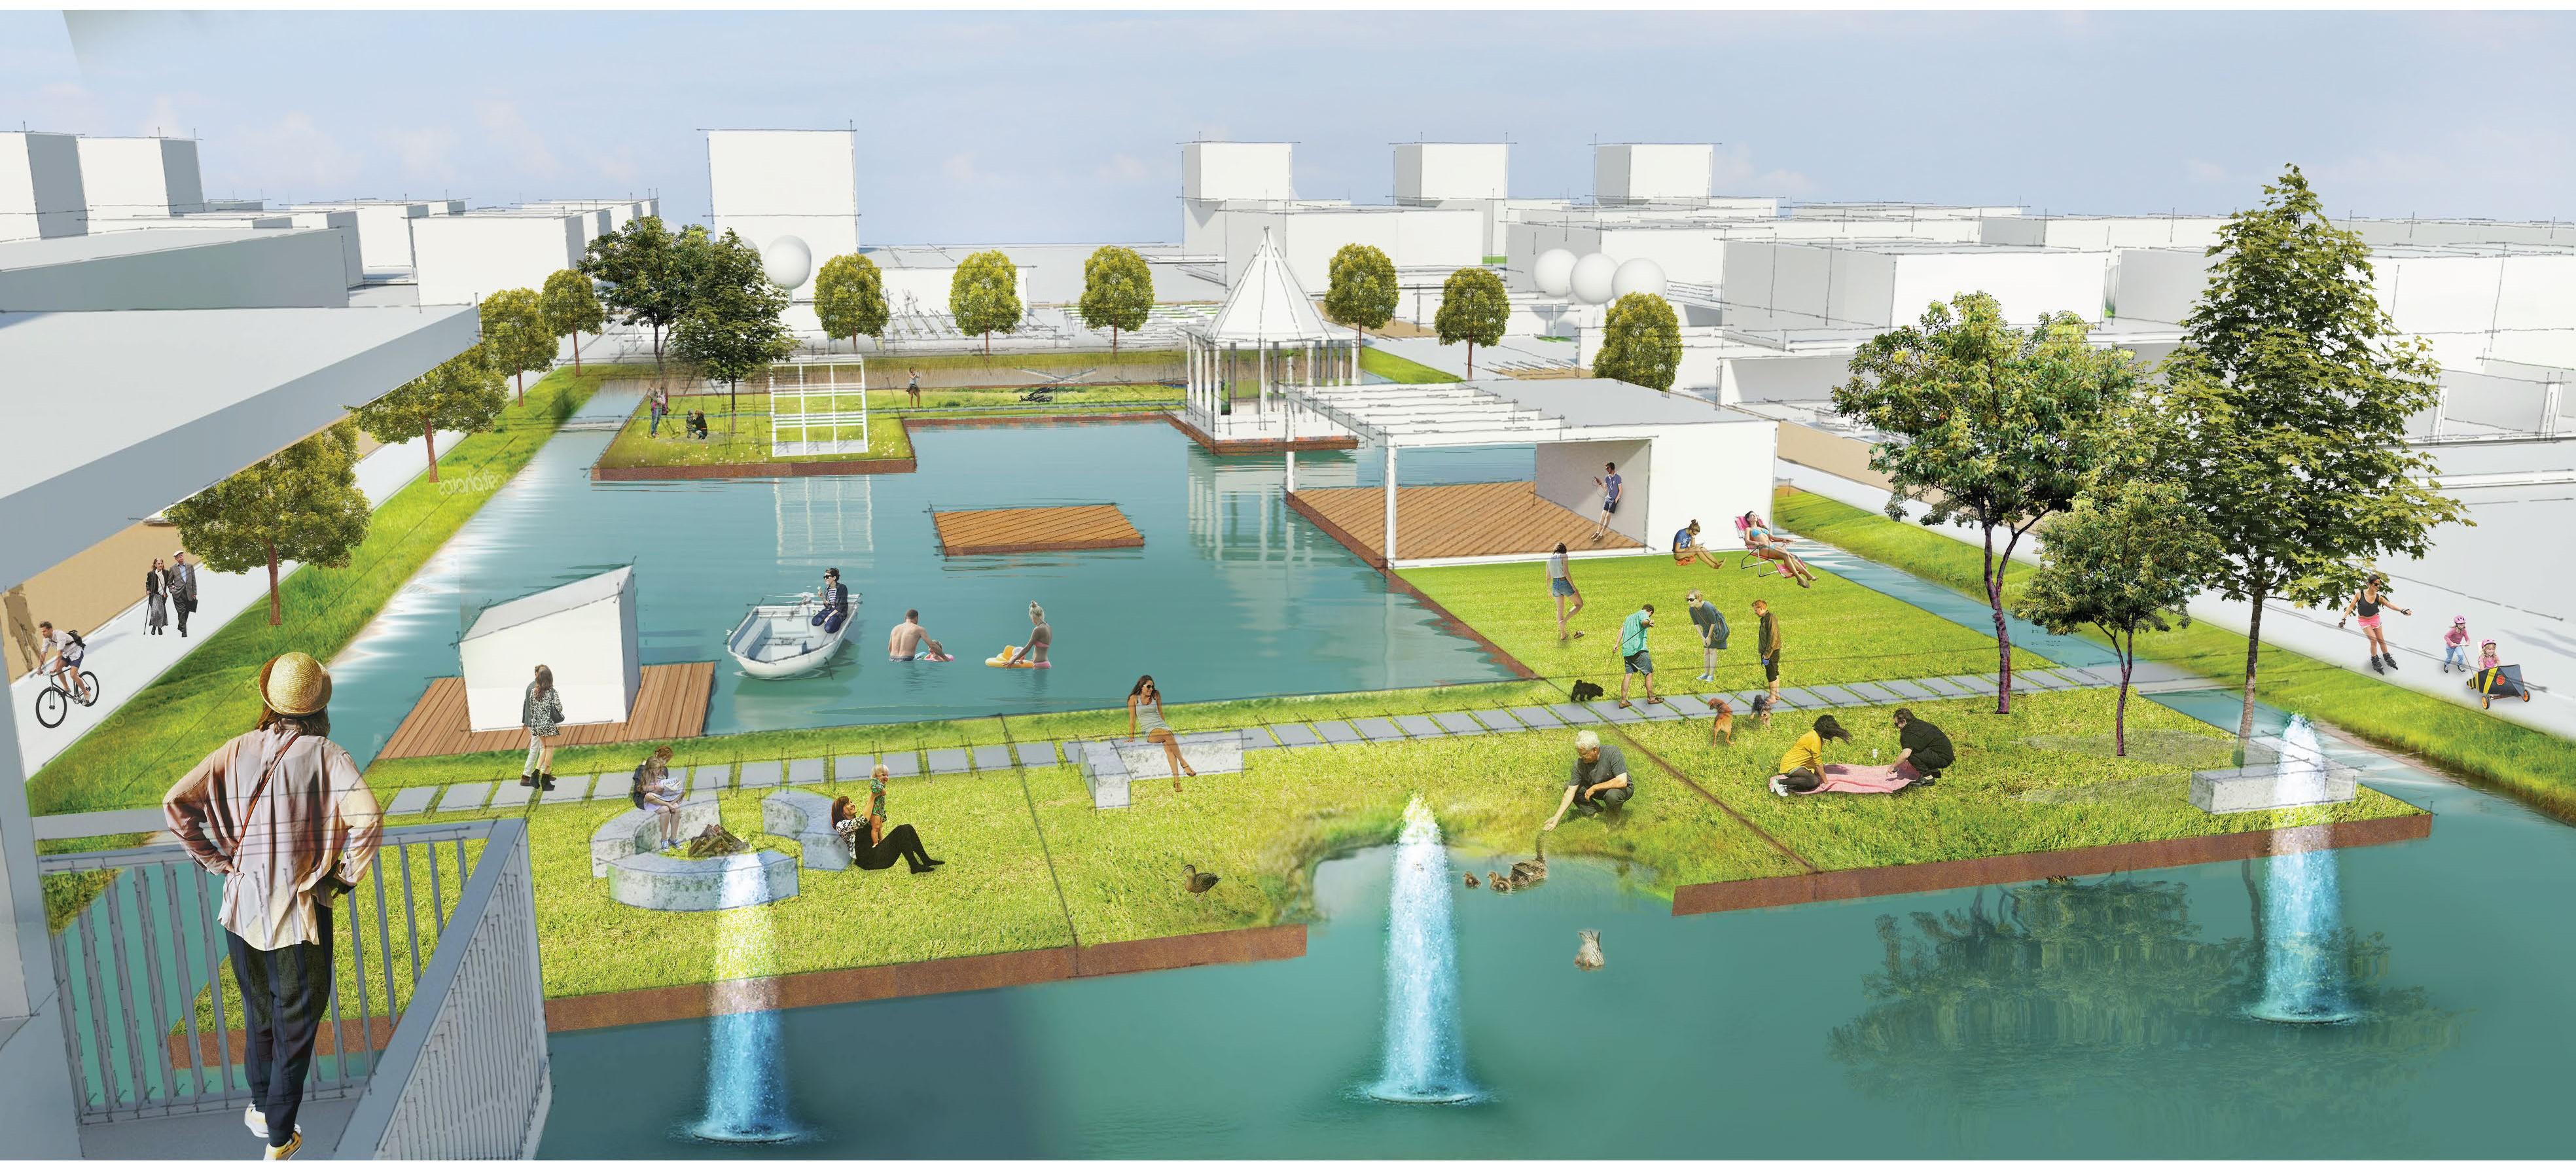 Flip Krabbendam _Stedenbouw en Betrokkenheid_Sociale Aspecten van het straatleven